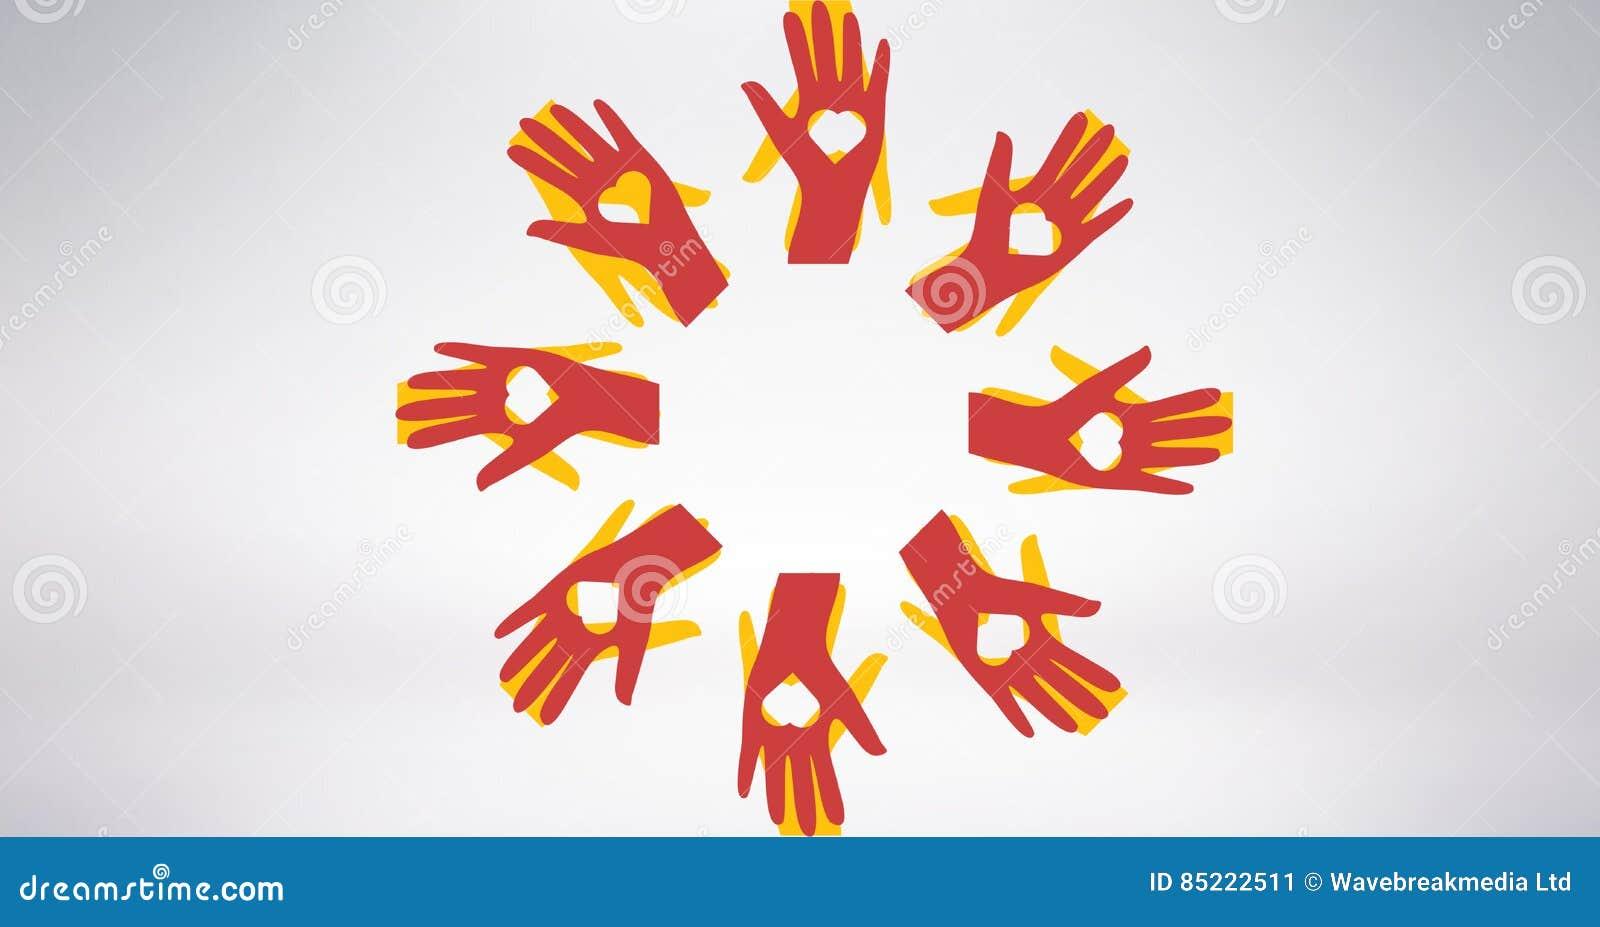 Imagem conceptual das mãos dos voluntários com o coração dado forma